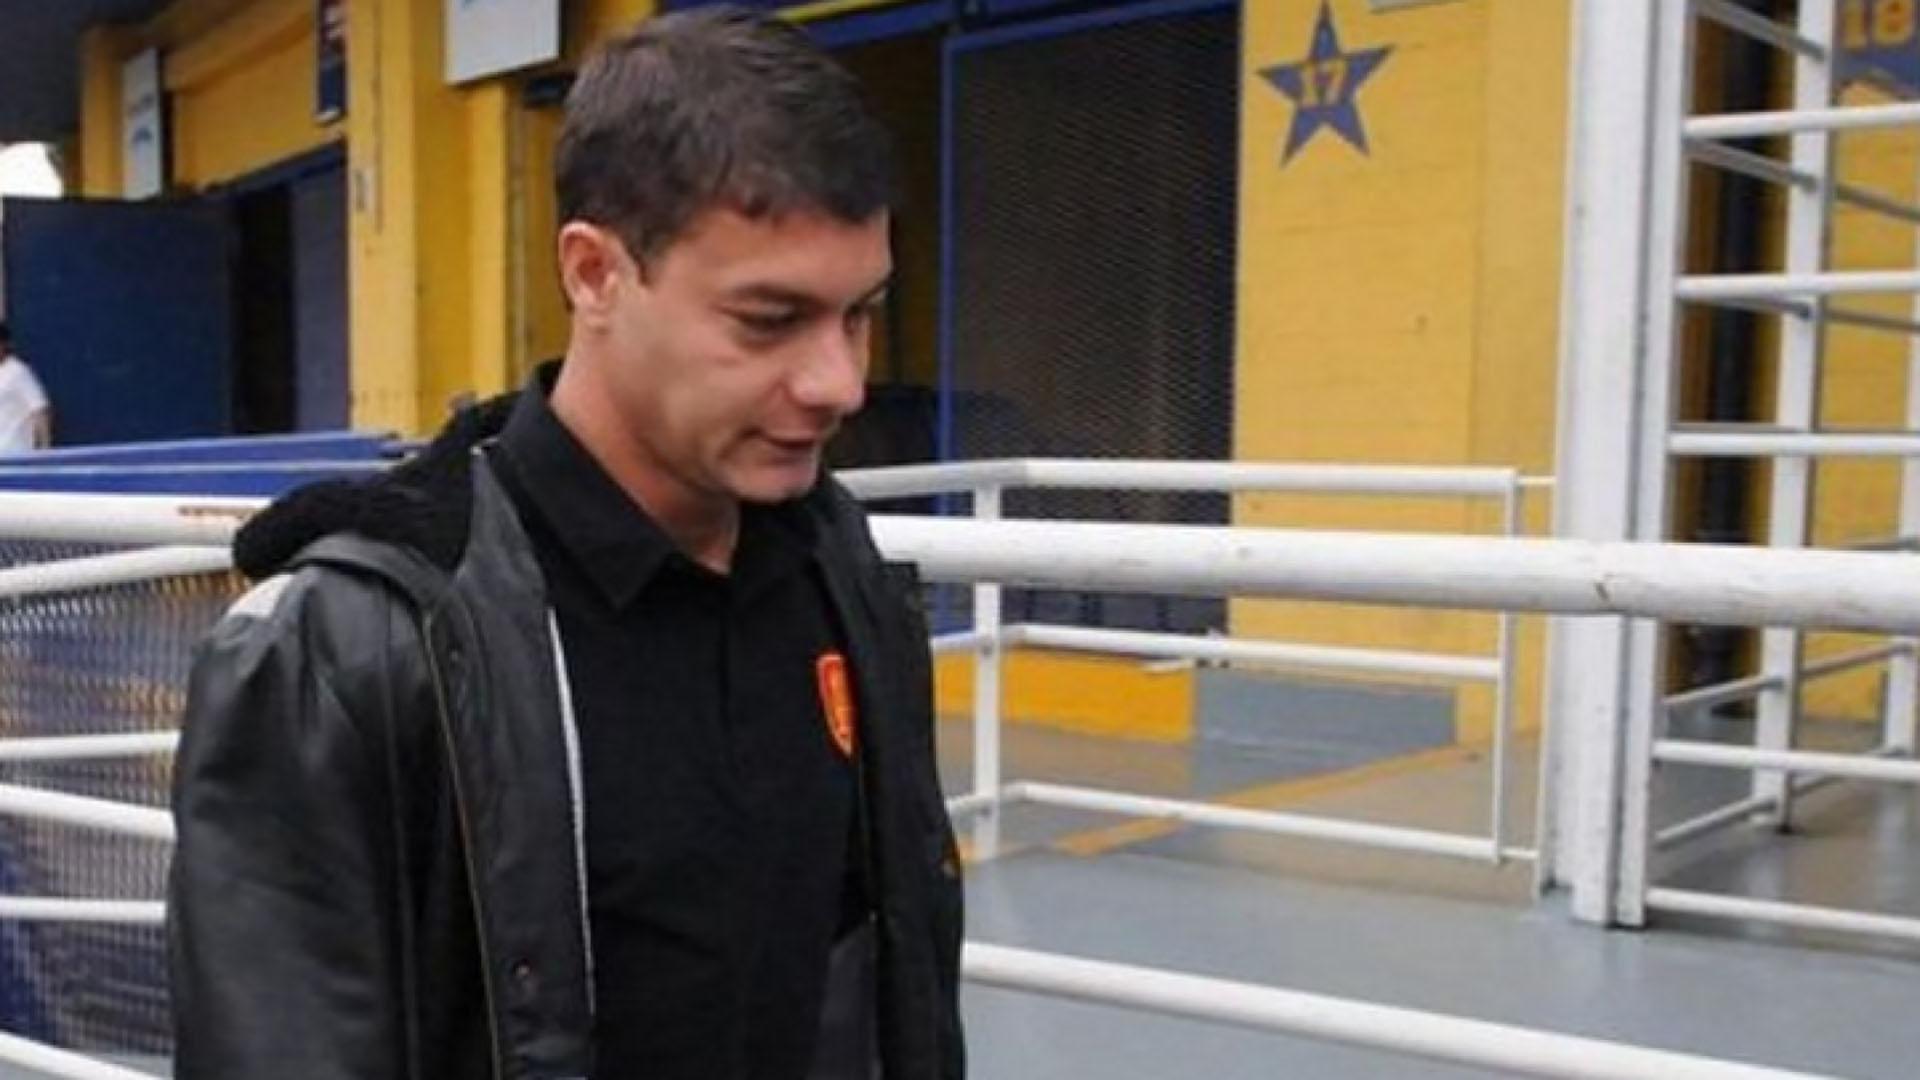 Battaglia habló sobre el presente de Boca, la postura sobre la incursión en la política de Riquelme y la lesión de Gago